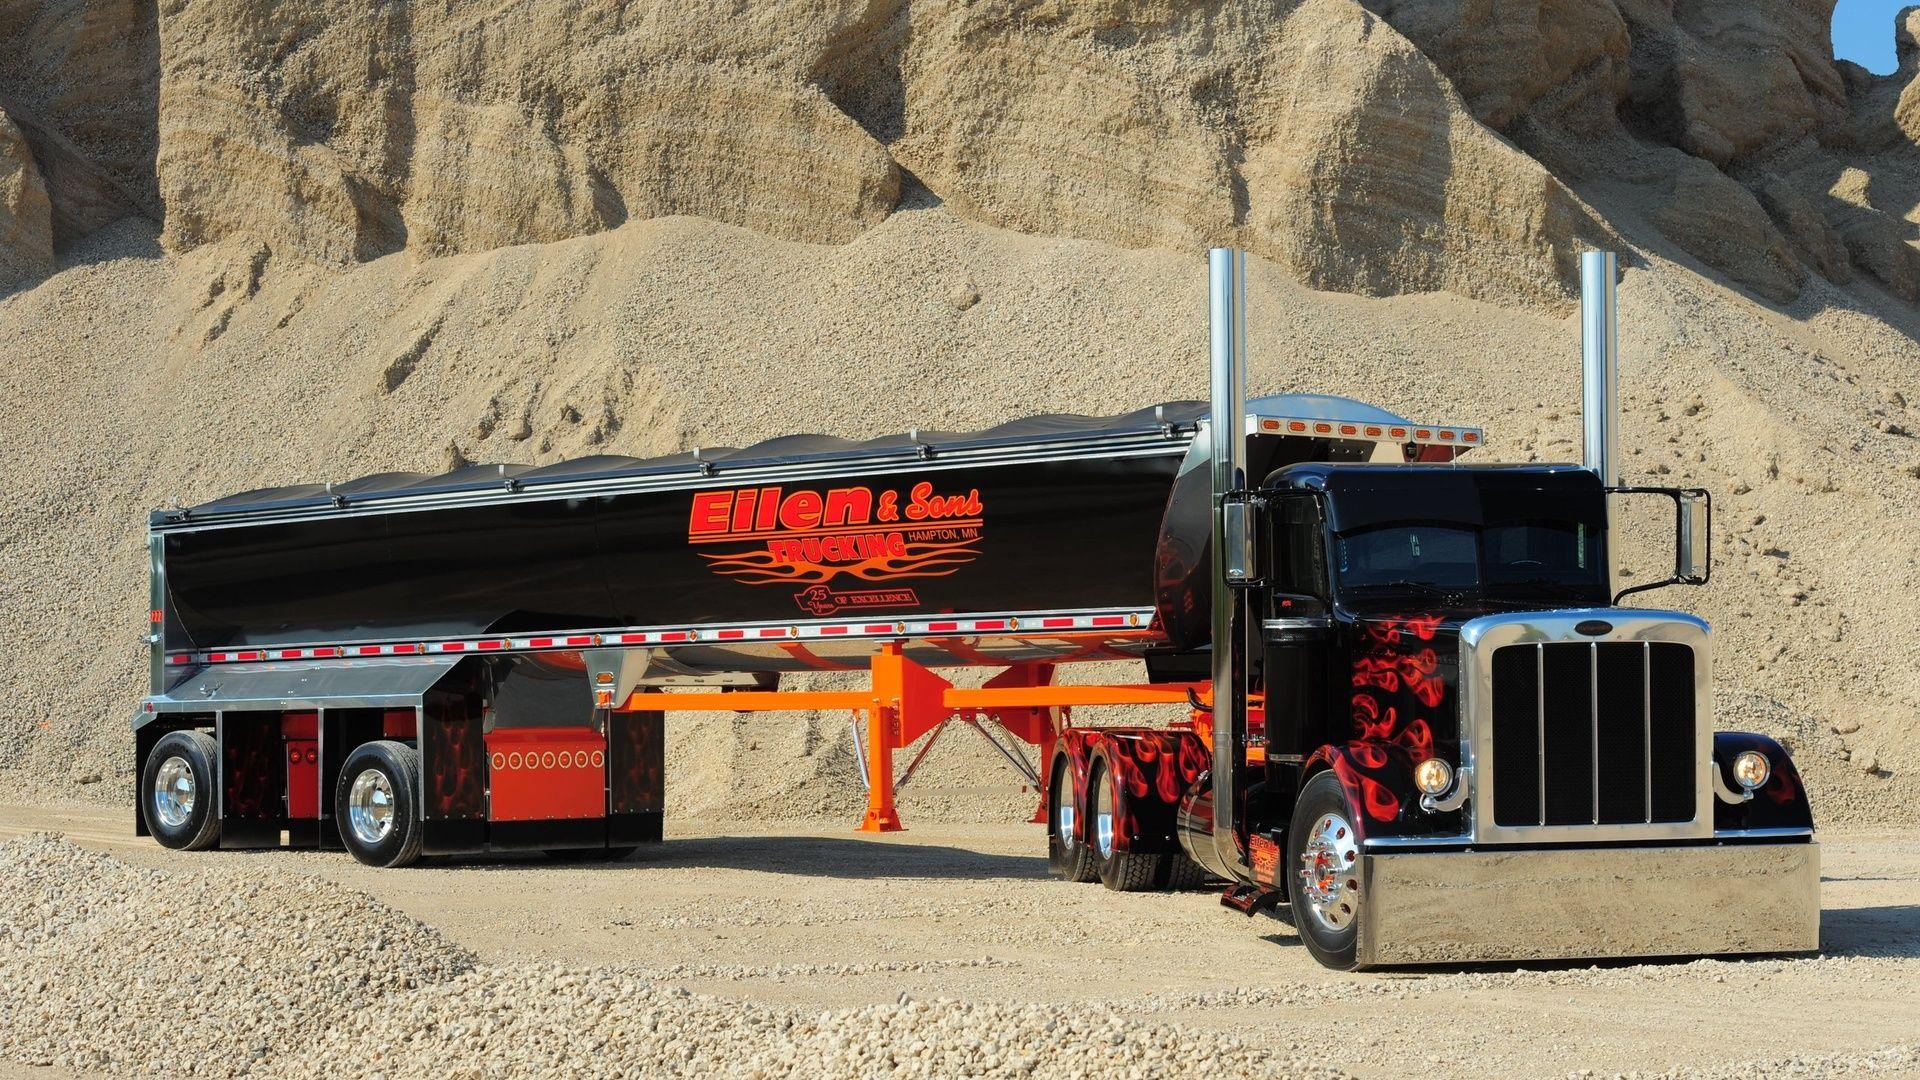 Peterbilt Trucks Peterbilt semi trucks tractor rigs